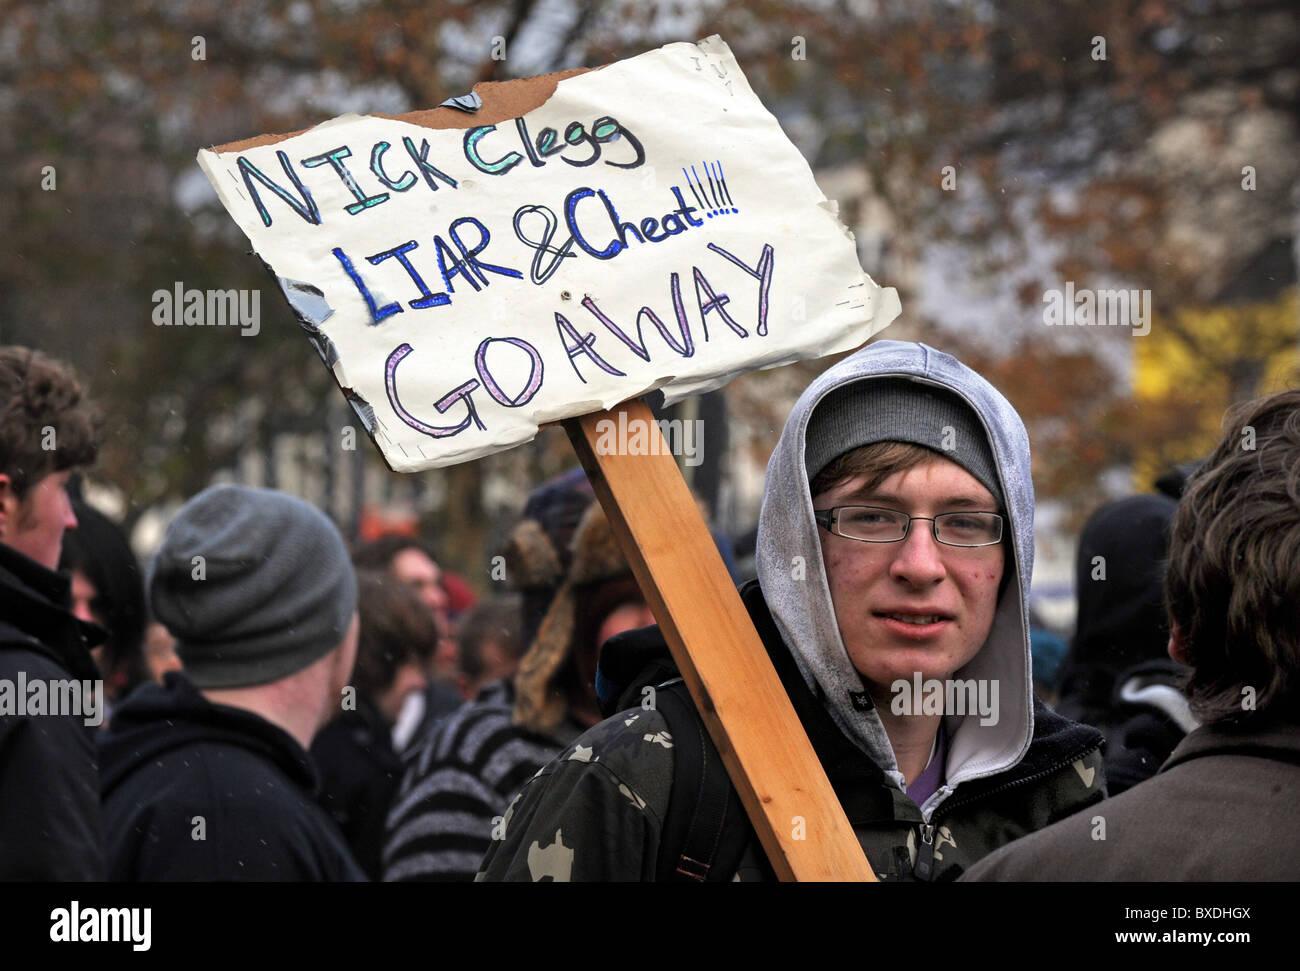 Masse Demonstration in Brighton gegen Kürzungen der Regierung zur Hochschulfinanzierung - Demonstrantin mit einem Stockfoto